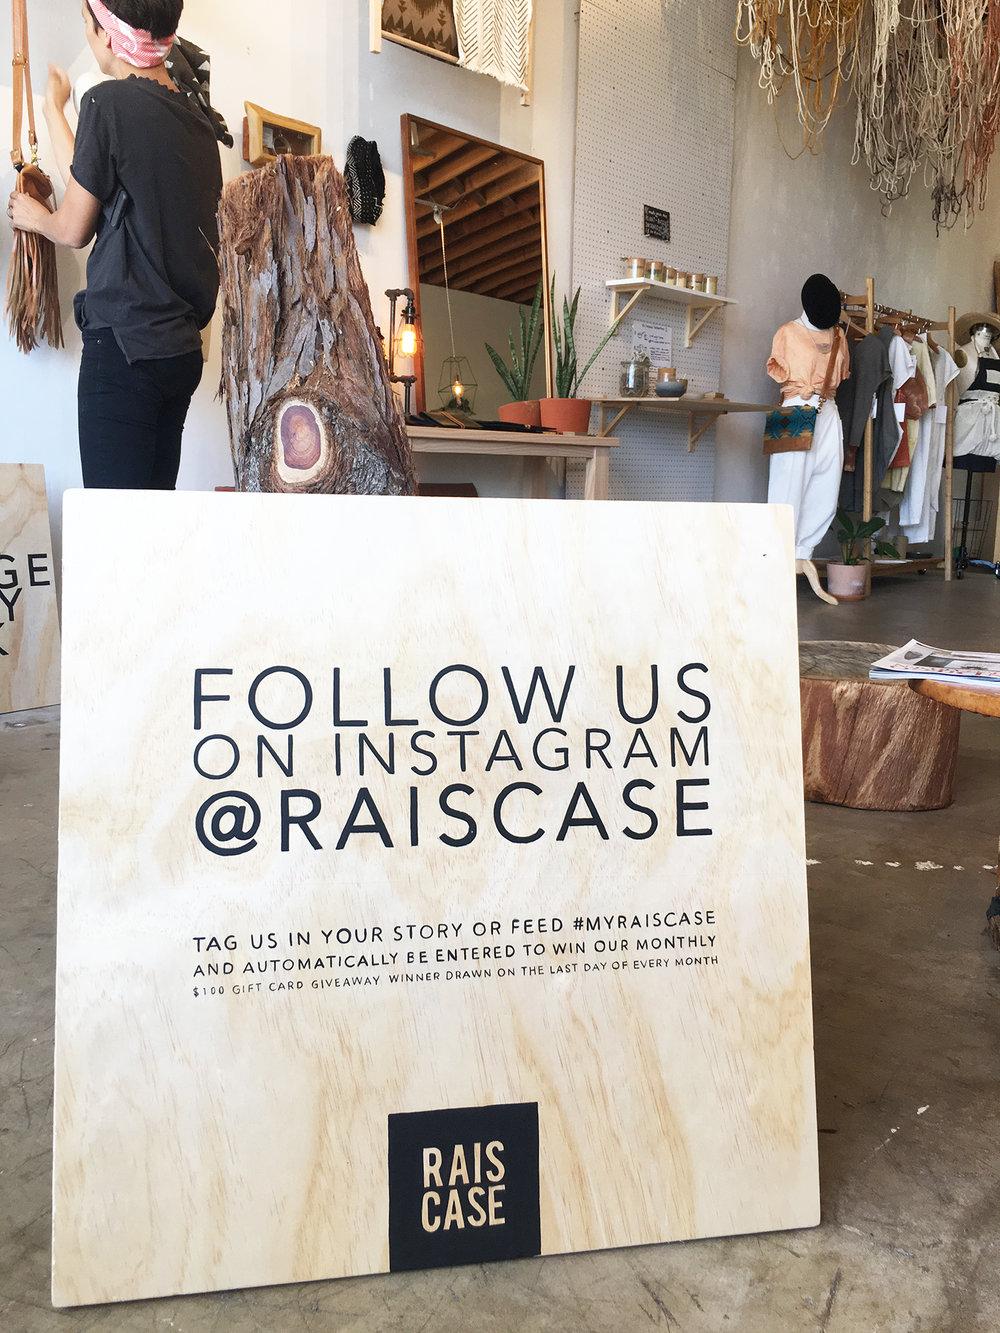 raiscase_information_signage1.JPG